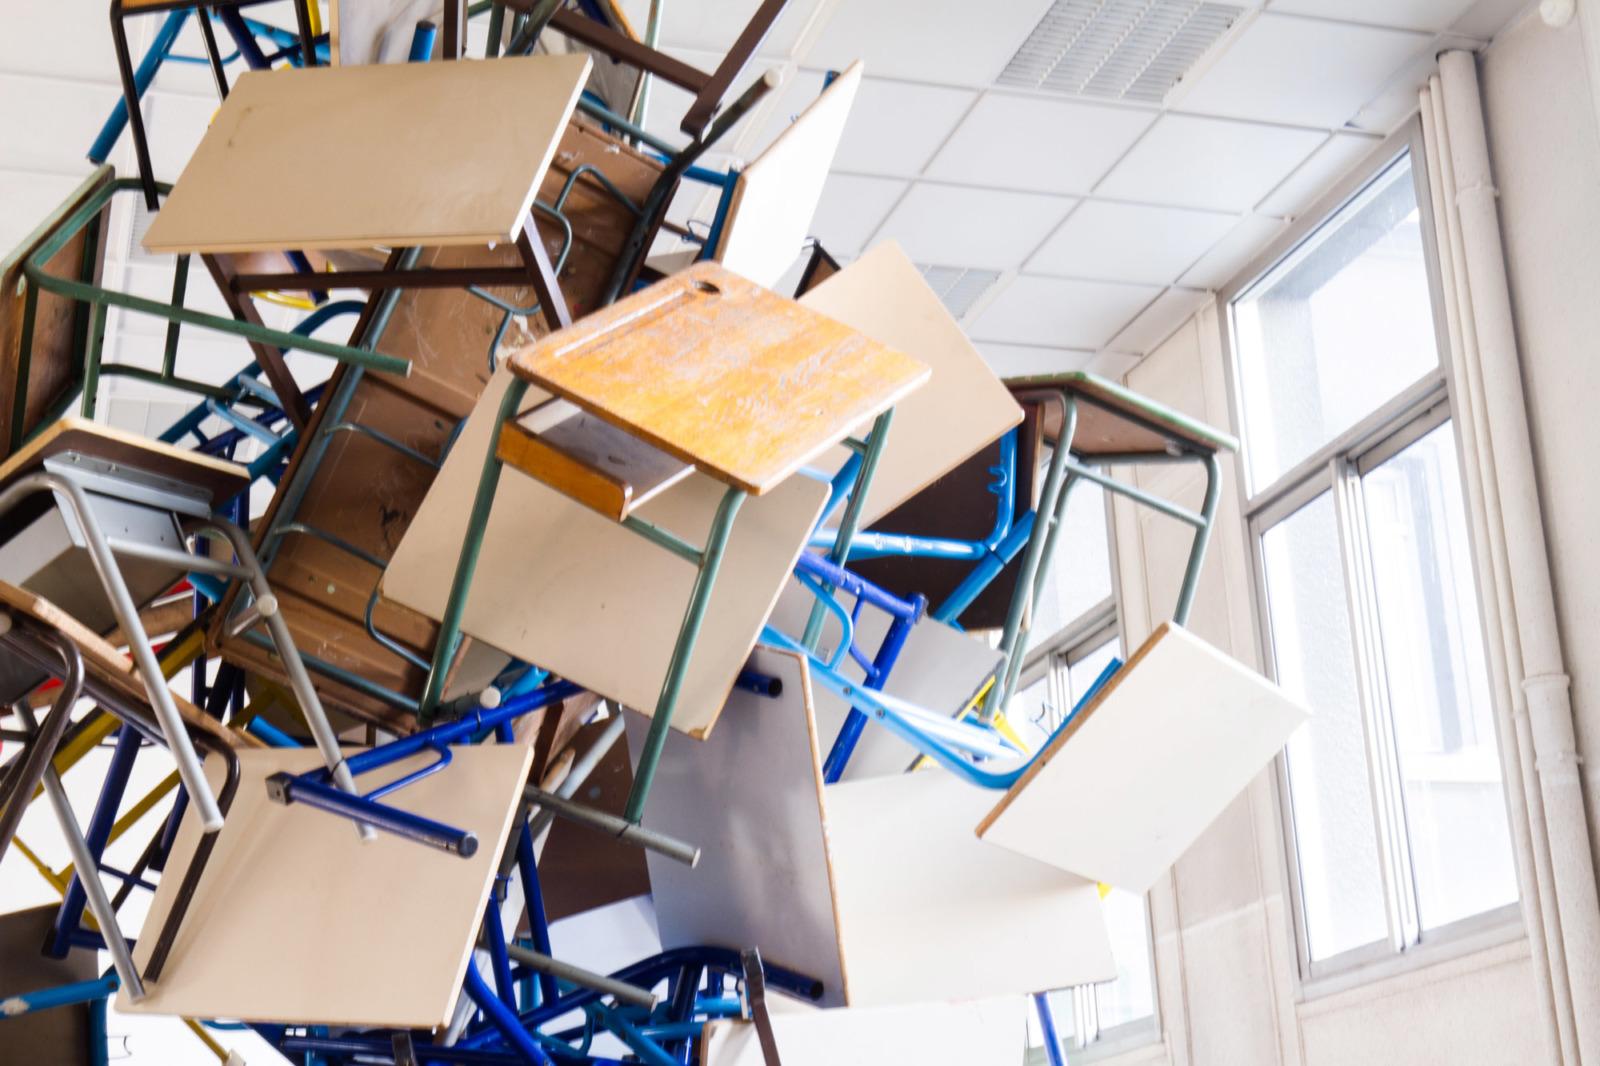 Colonne sans fin (étude), Installation in situ, Biennale de Gentilly, 2m x 2m x 4,5m, 2019. (detail)